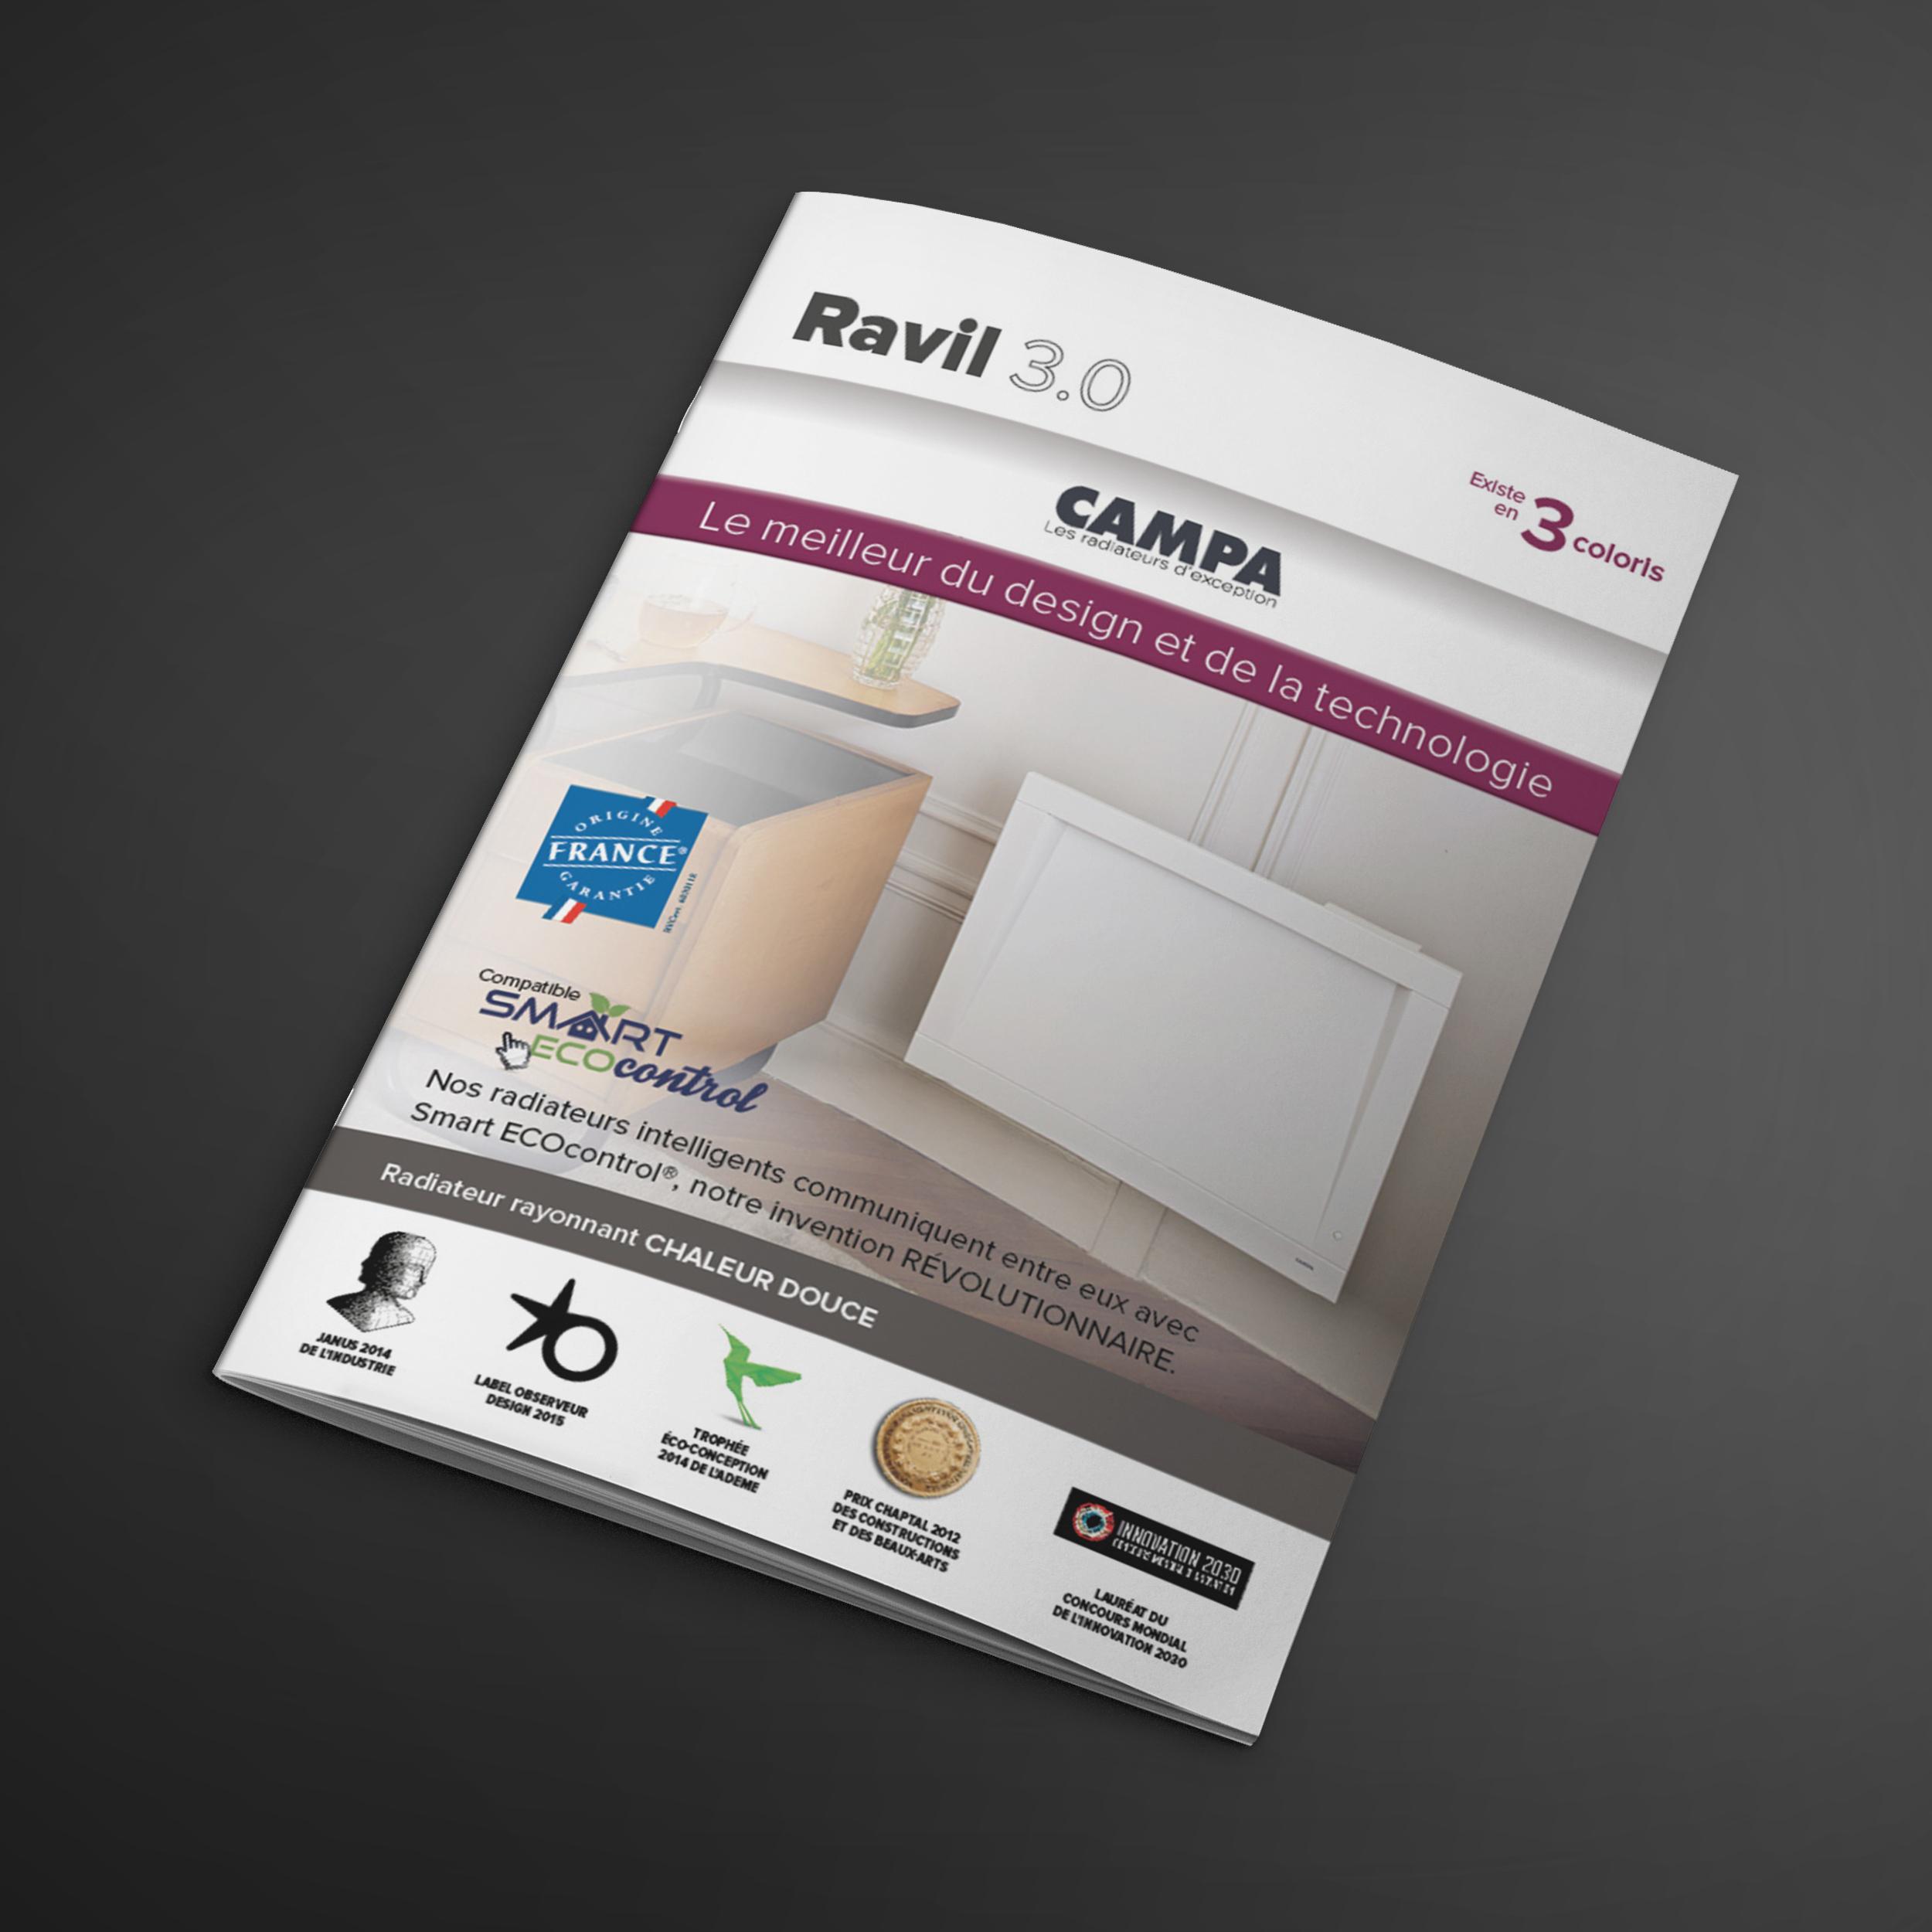 RAVIL 3.0